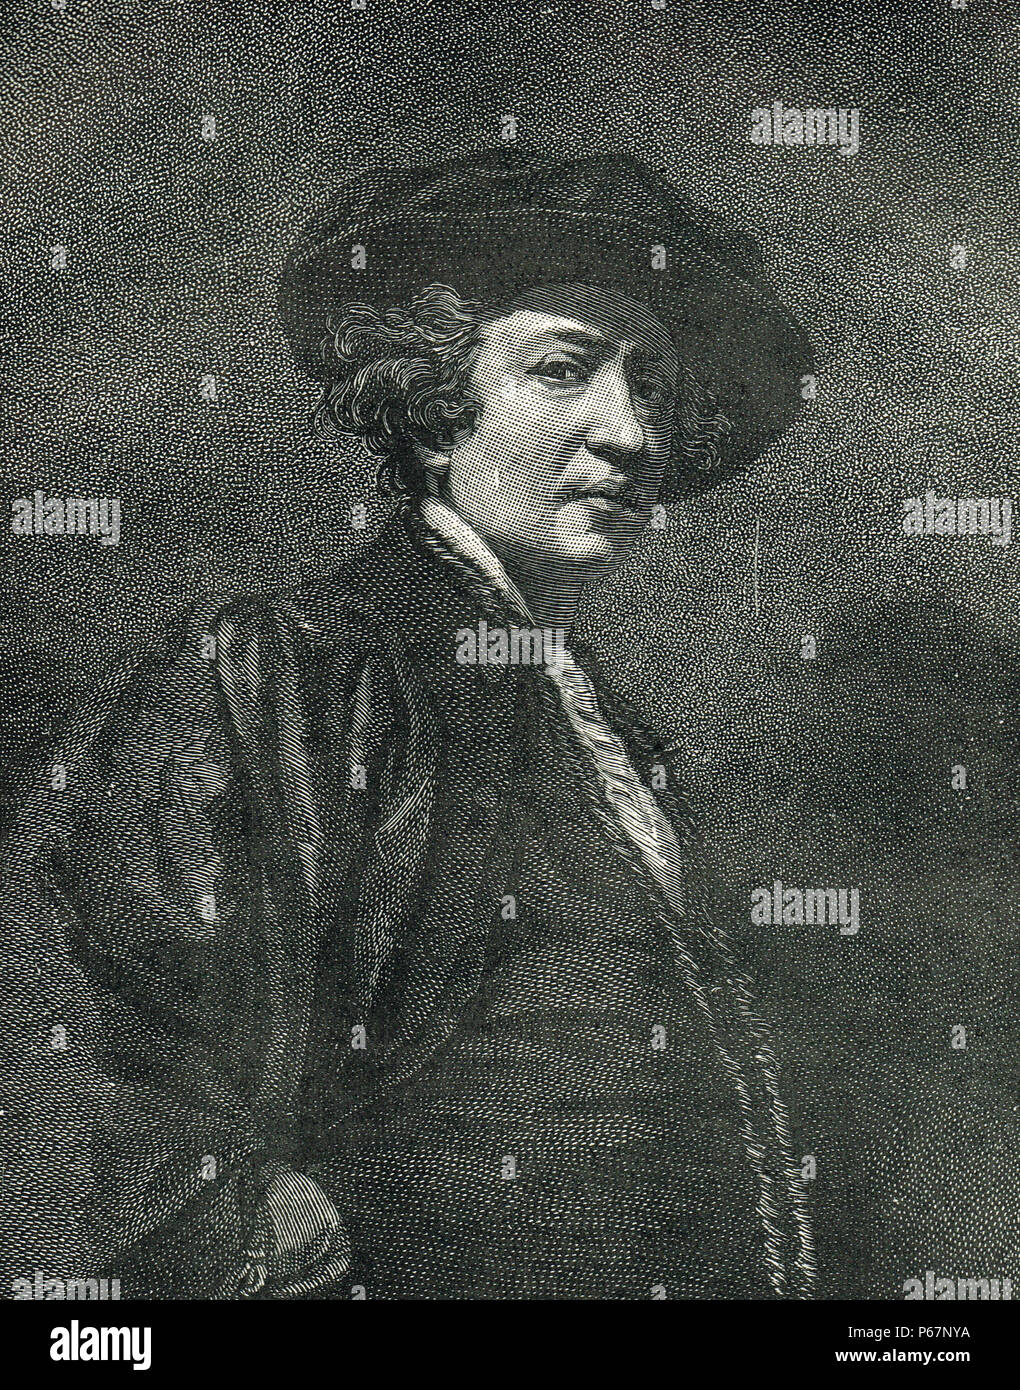 Sir Joshua Reynolds, englischer Maler, spezialisiert auf Porträts Stockbild